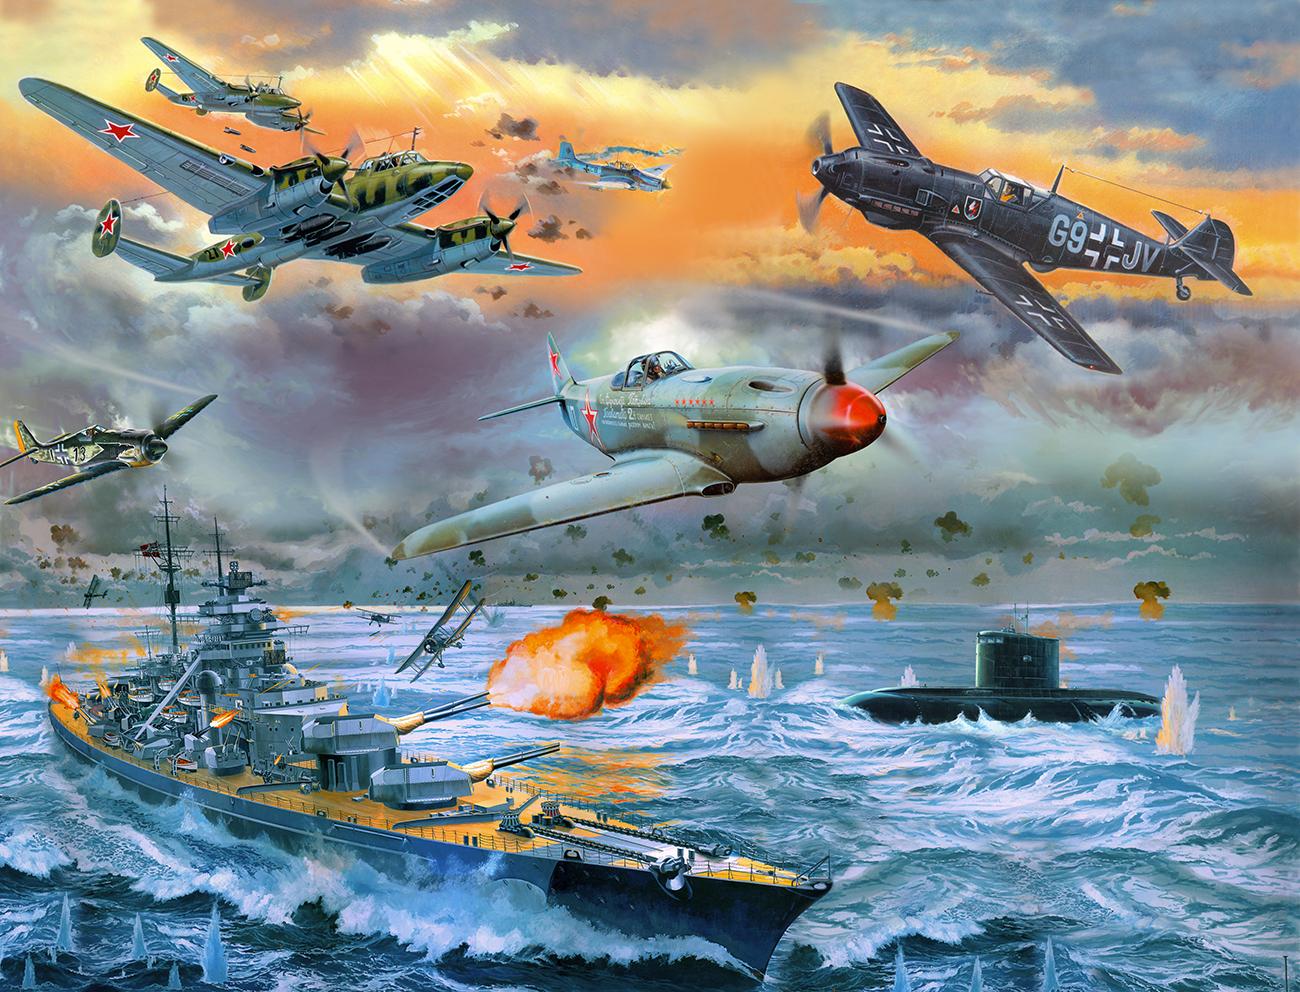 1 Воздушный бой над морем